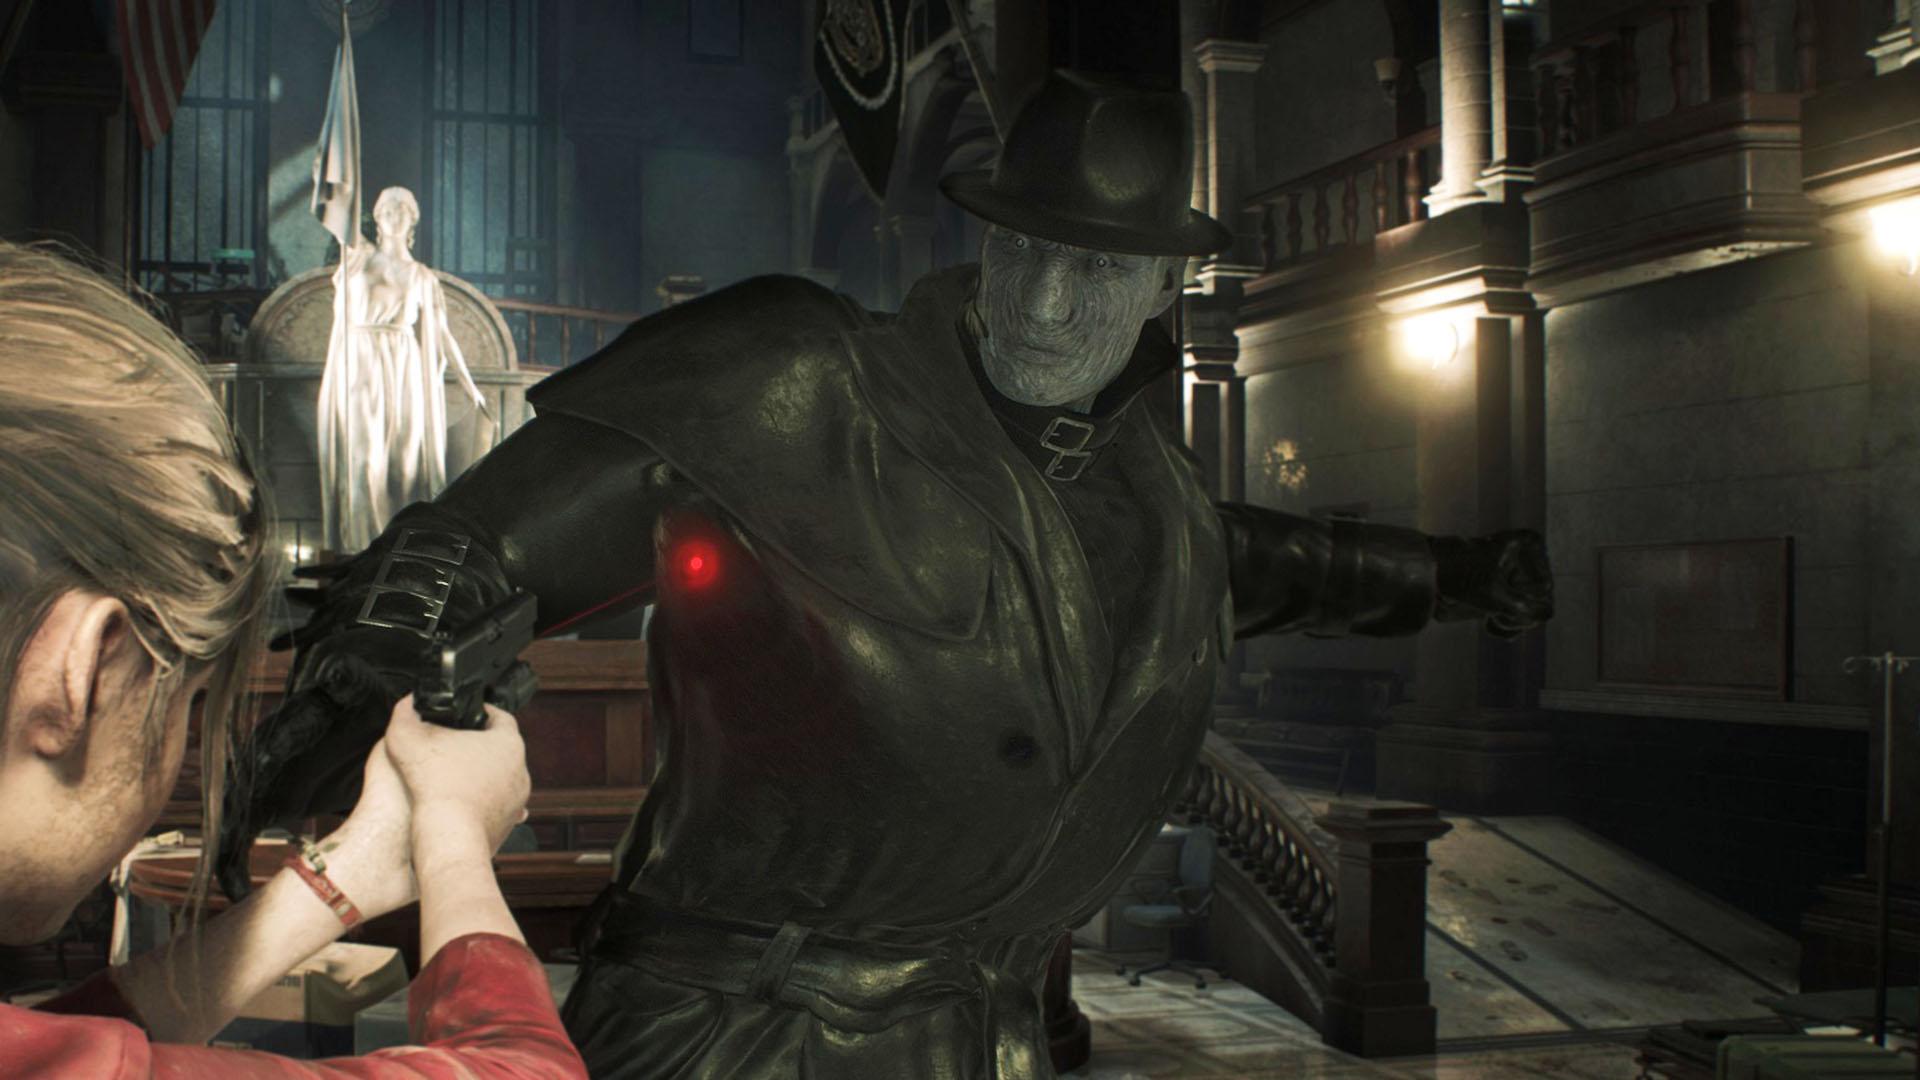 Mr  X Gon' Give It to Ya is now a real mod for Resident Evil 2